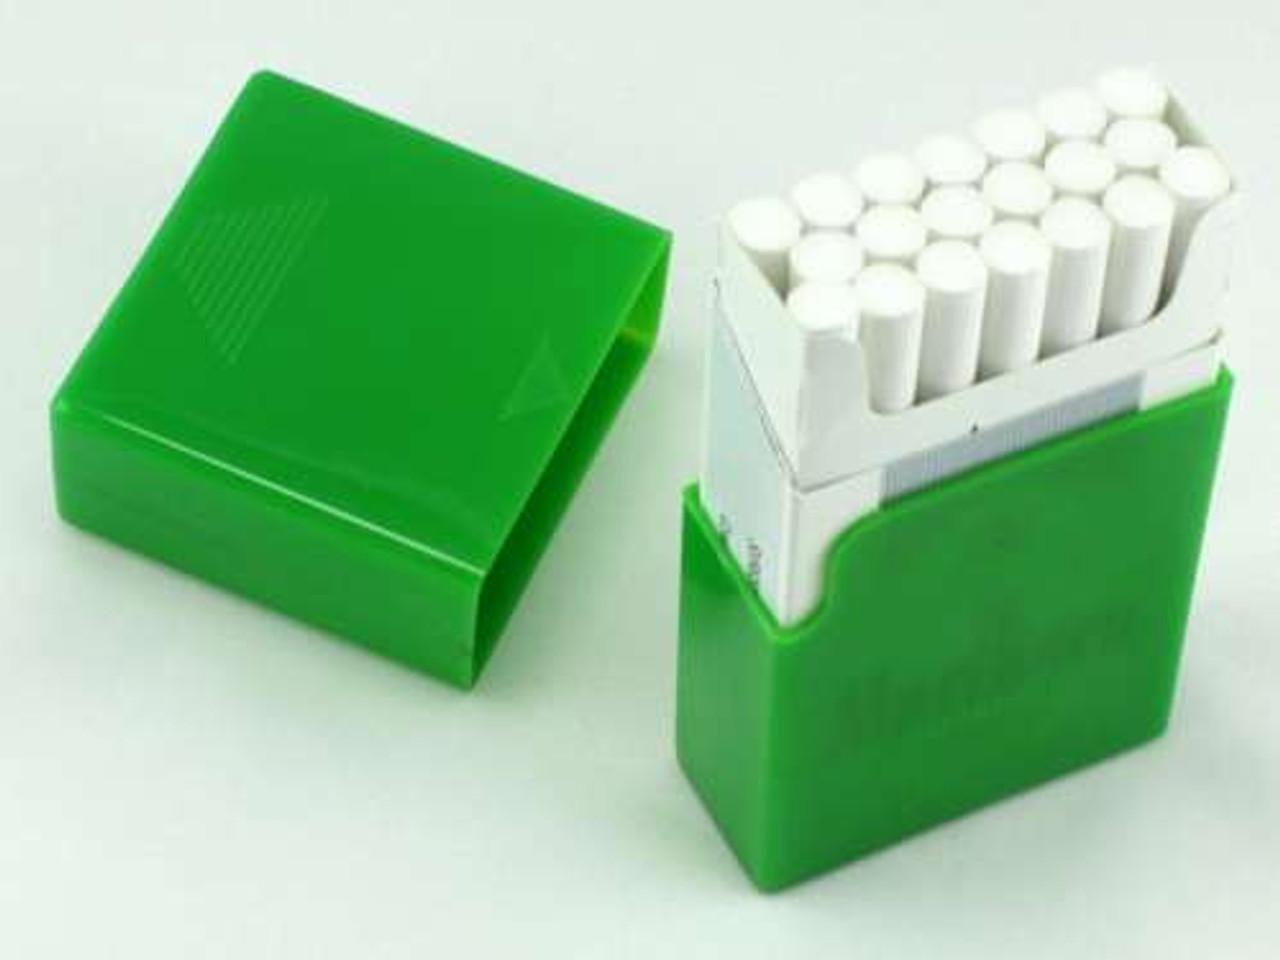 Green Drift Cigarette Pack Holder